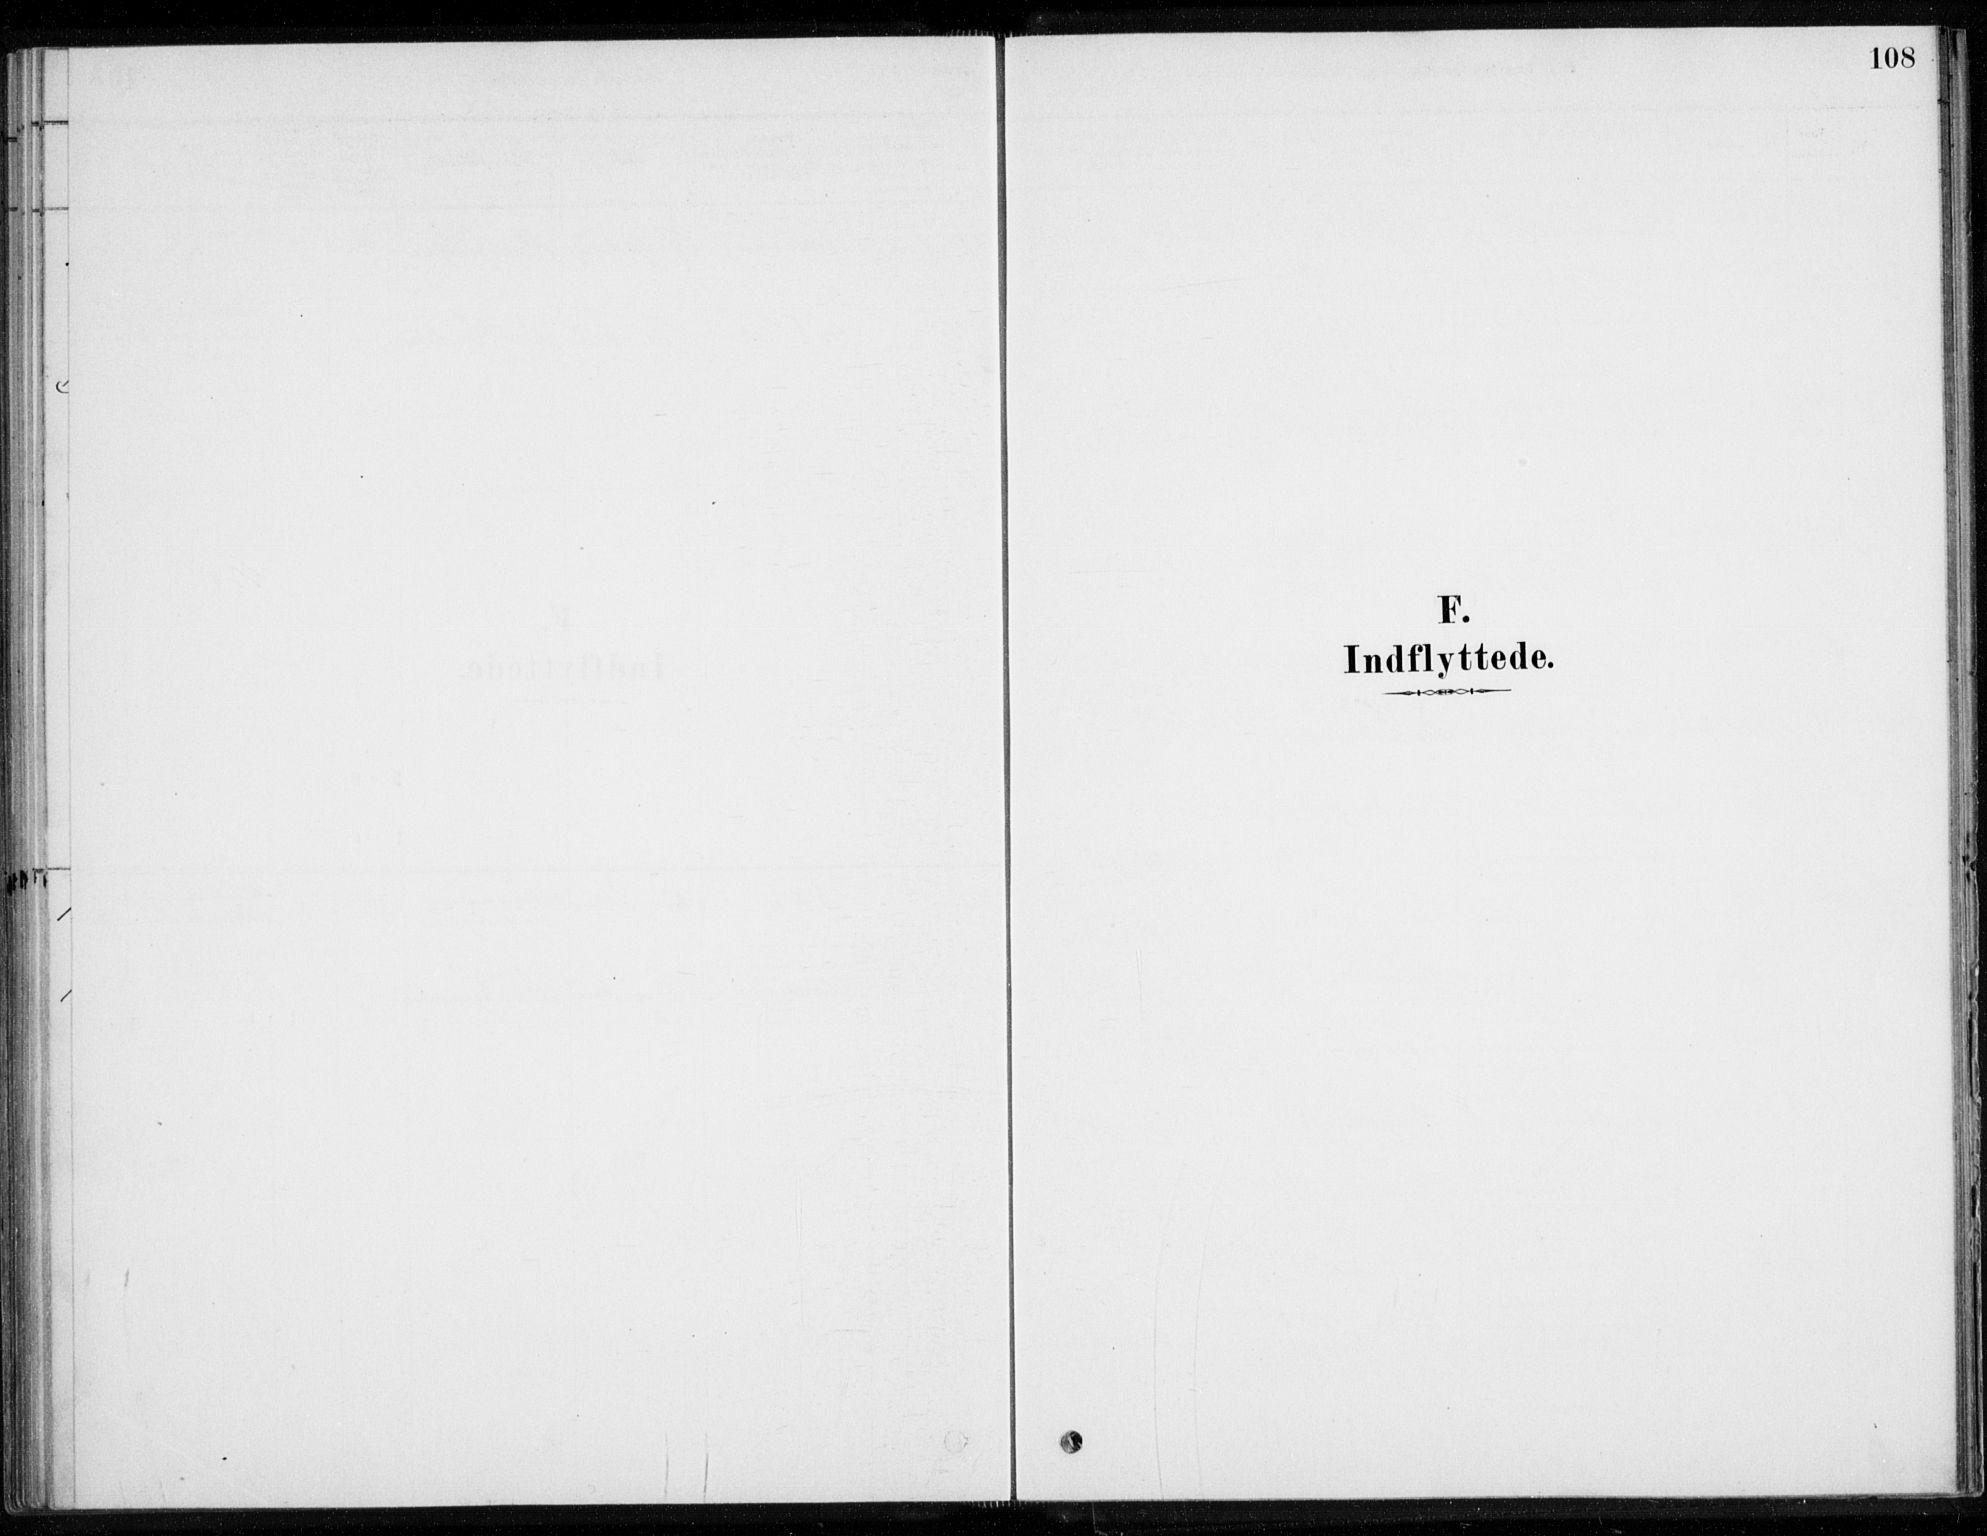 SAKO, Åssiden kirkebøker, F/Fa/L0001: Ministerialbok nr. 1, 1878-1904, s. 108